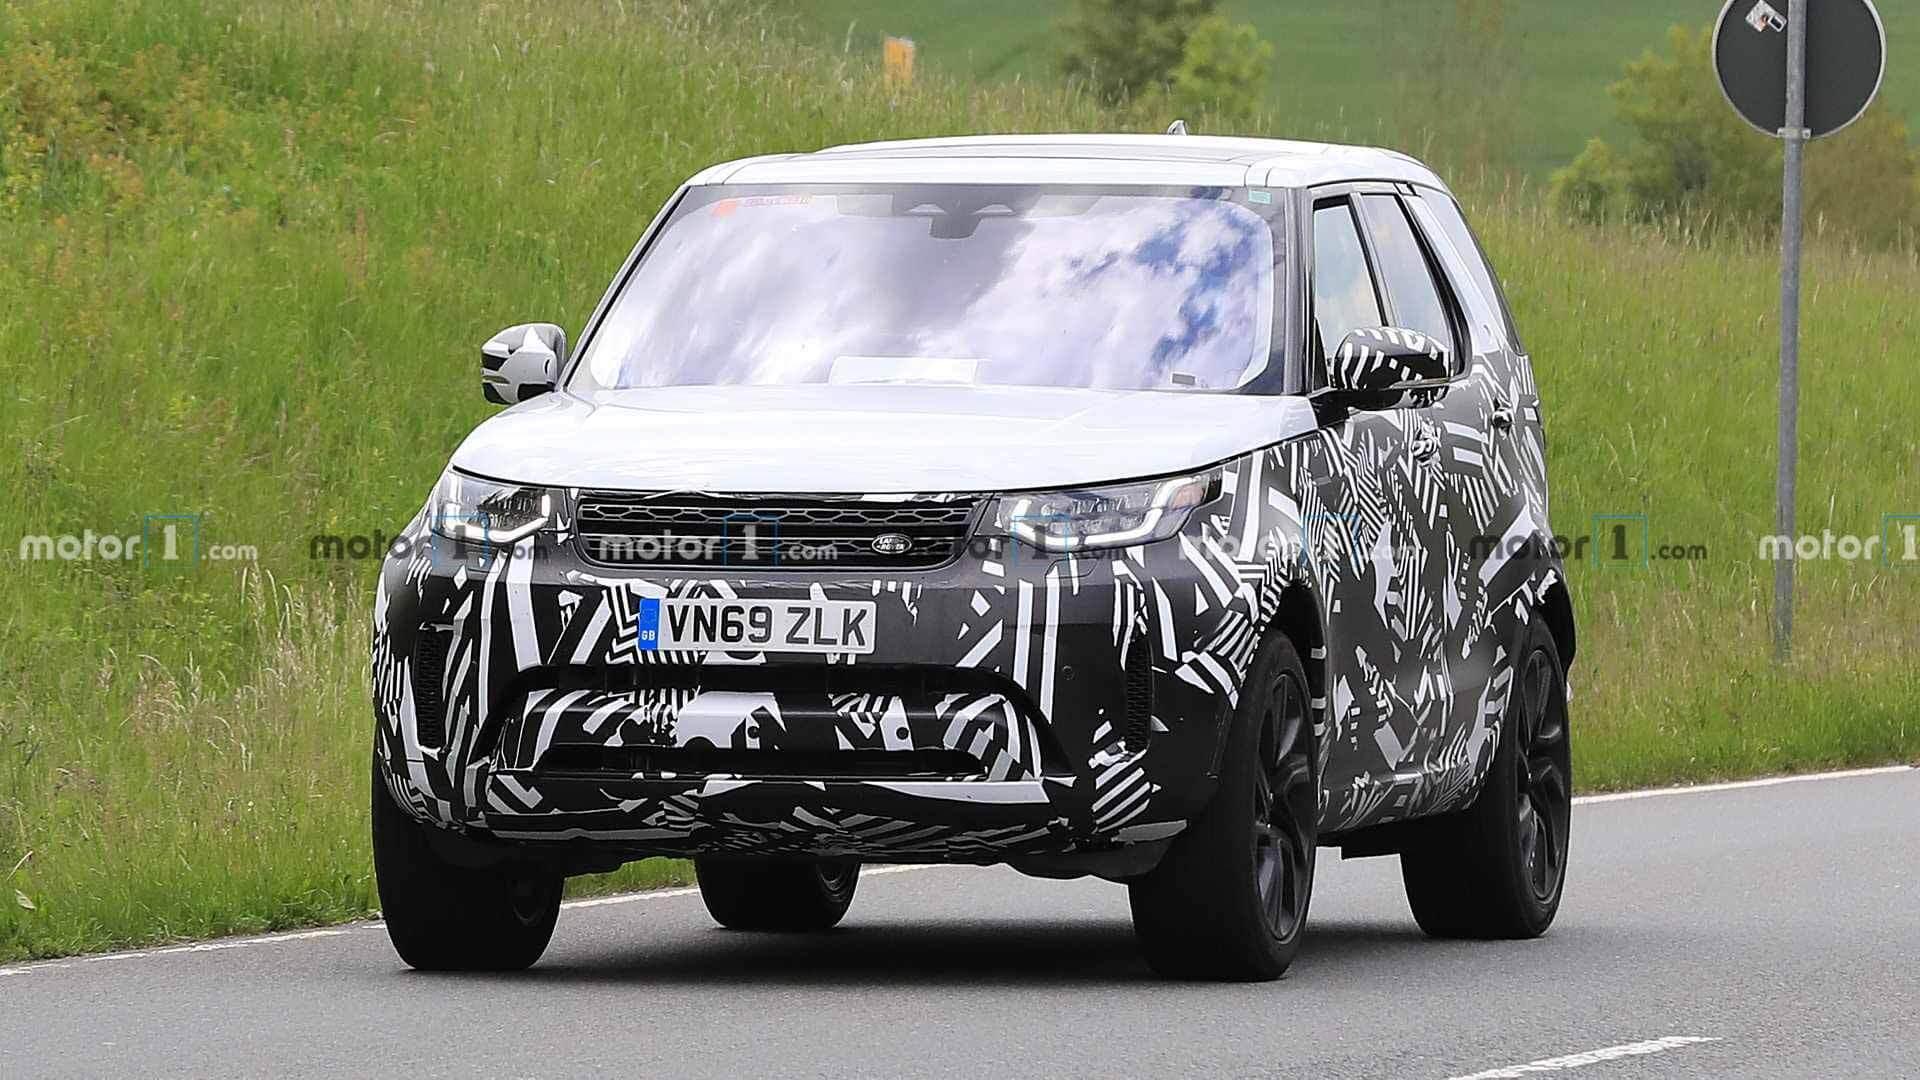 Обновленный Land Rover Discovery. Фото Motor1.com